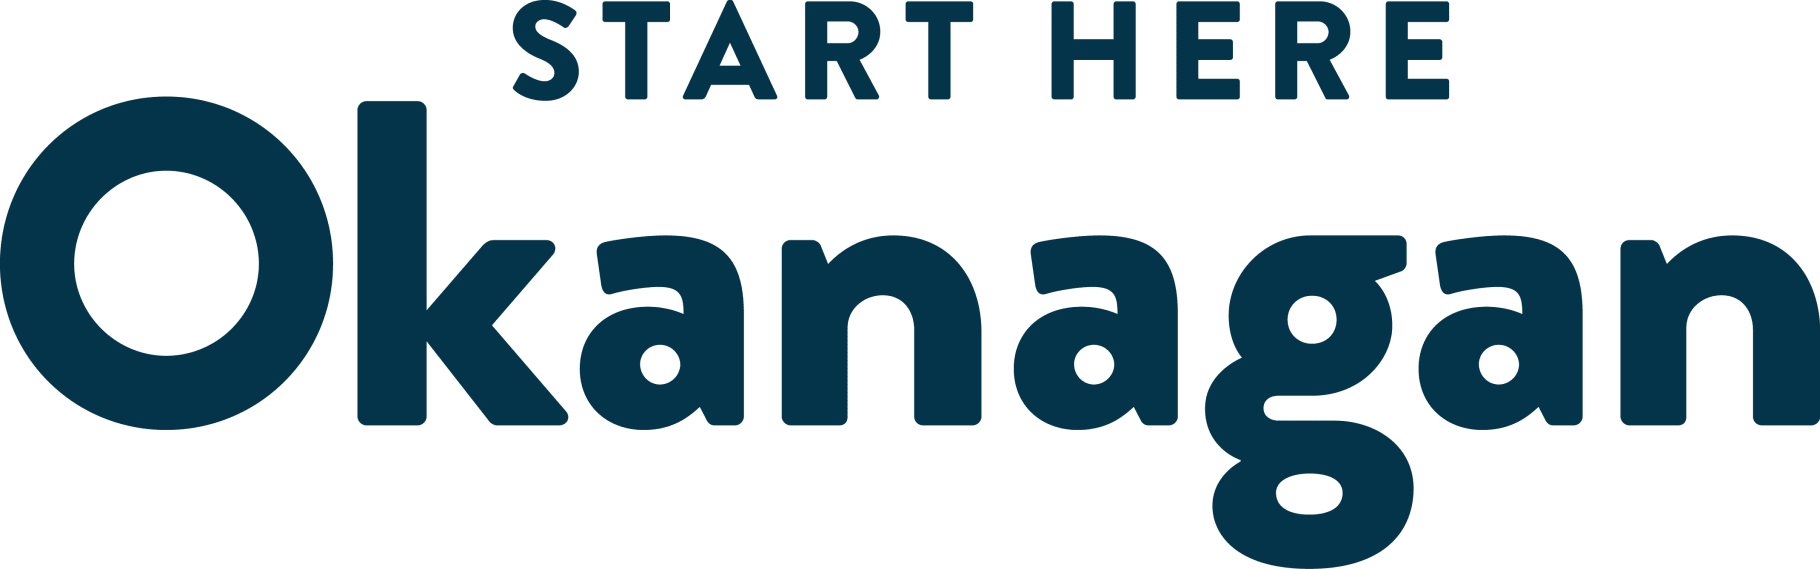 SHO-logo-w1820.png